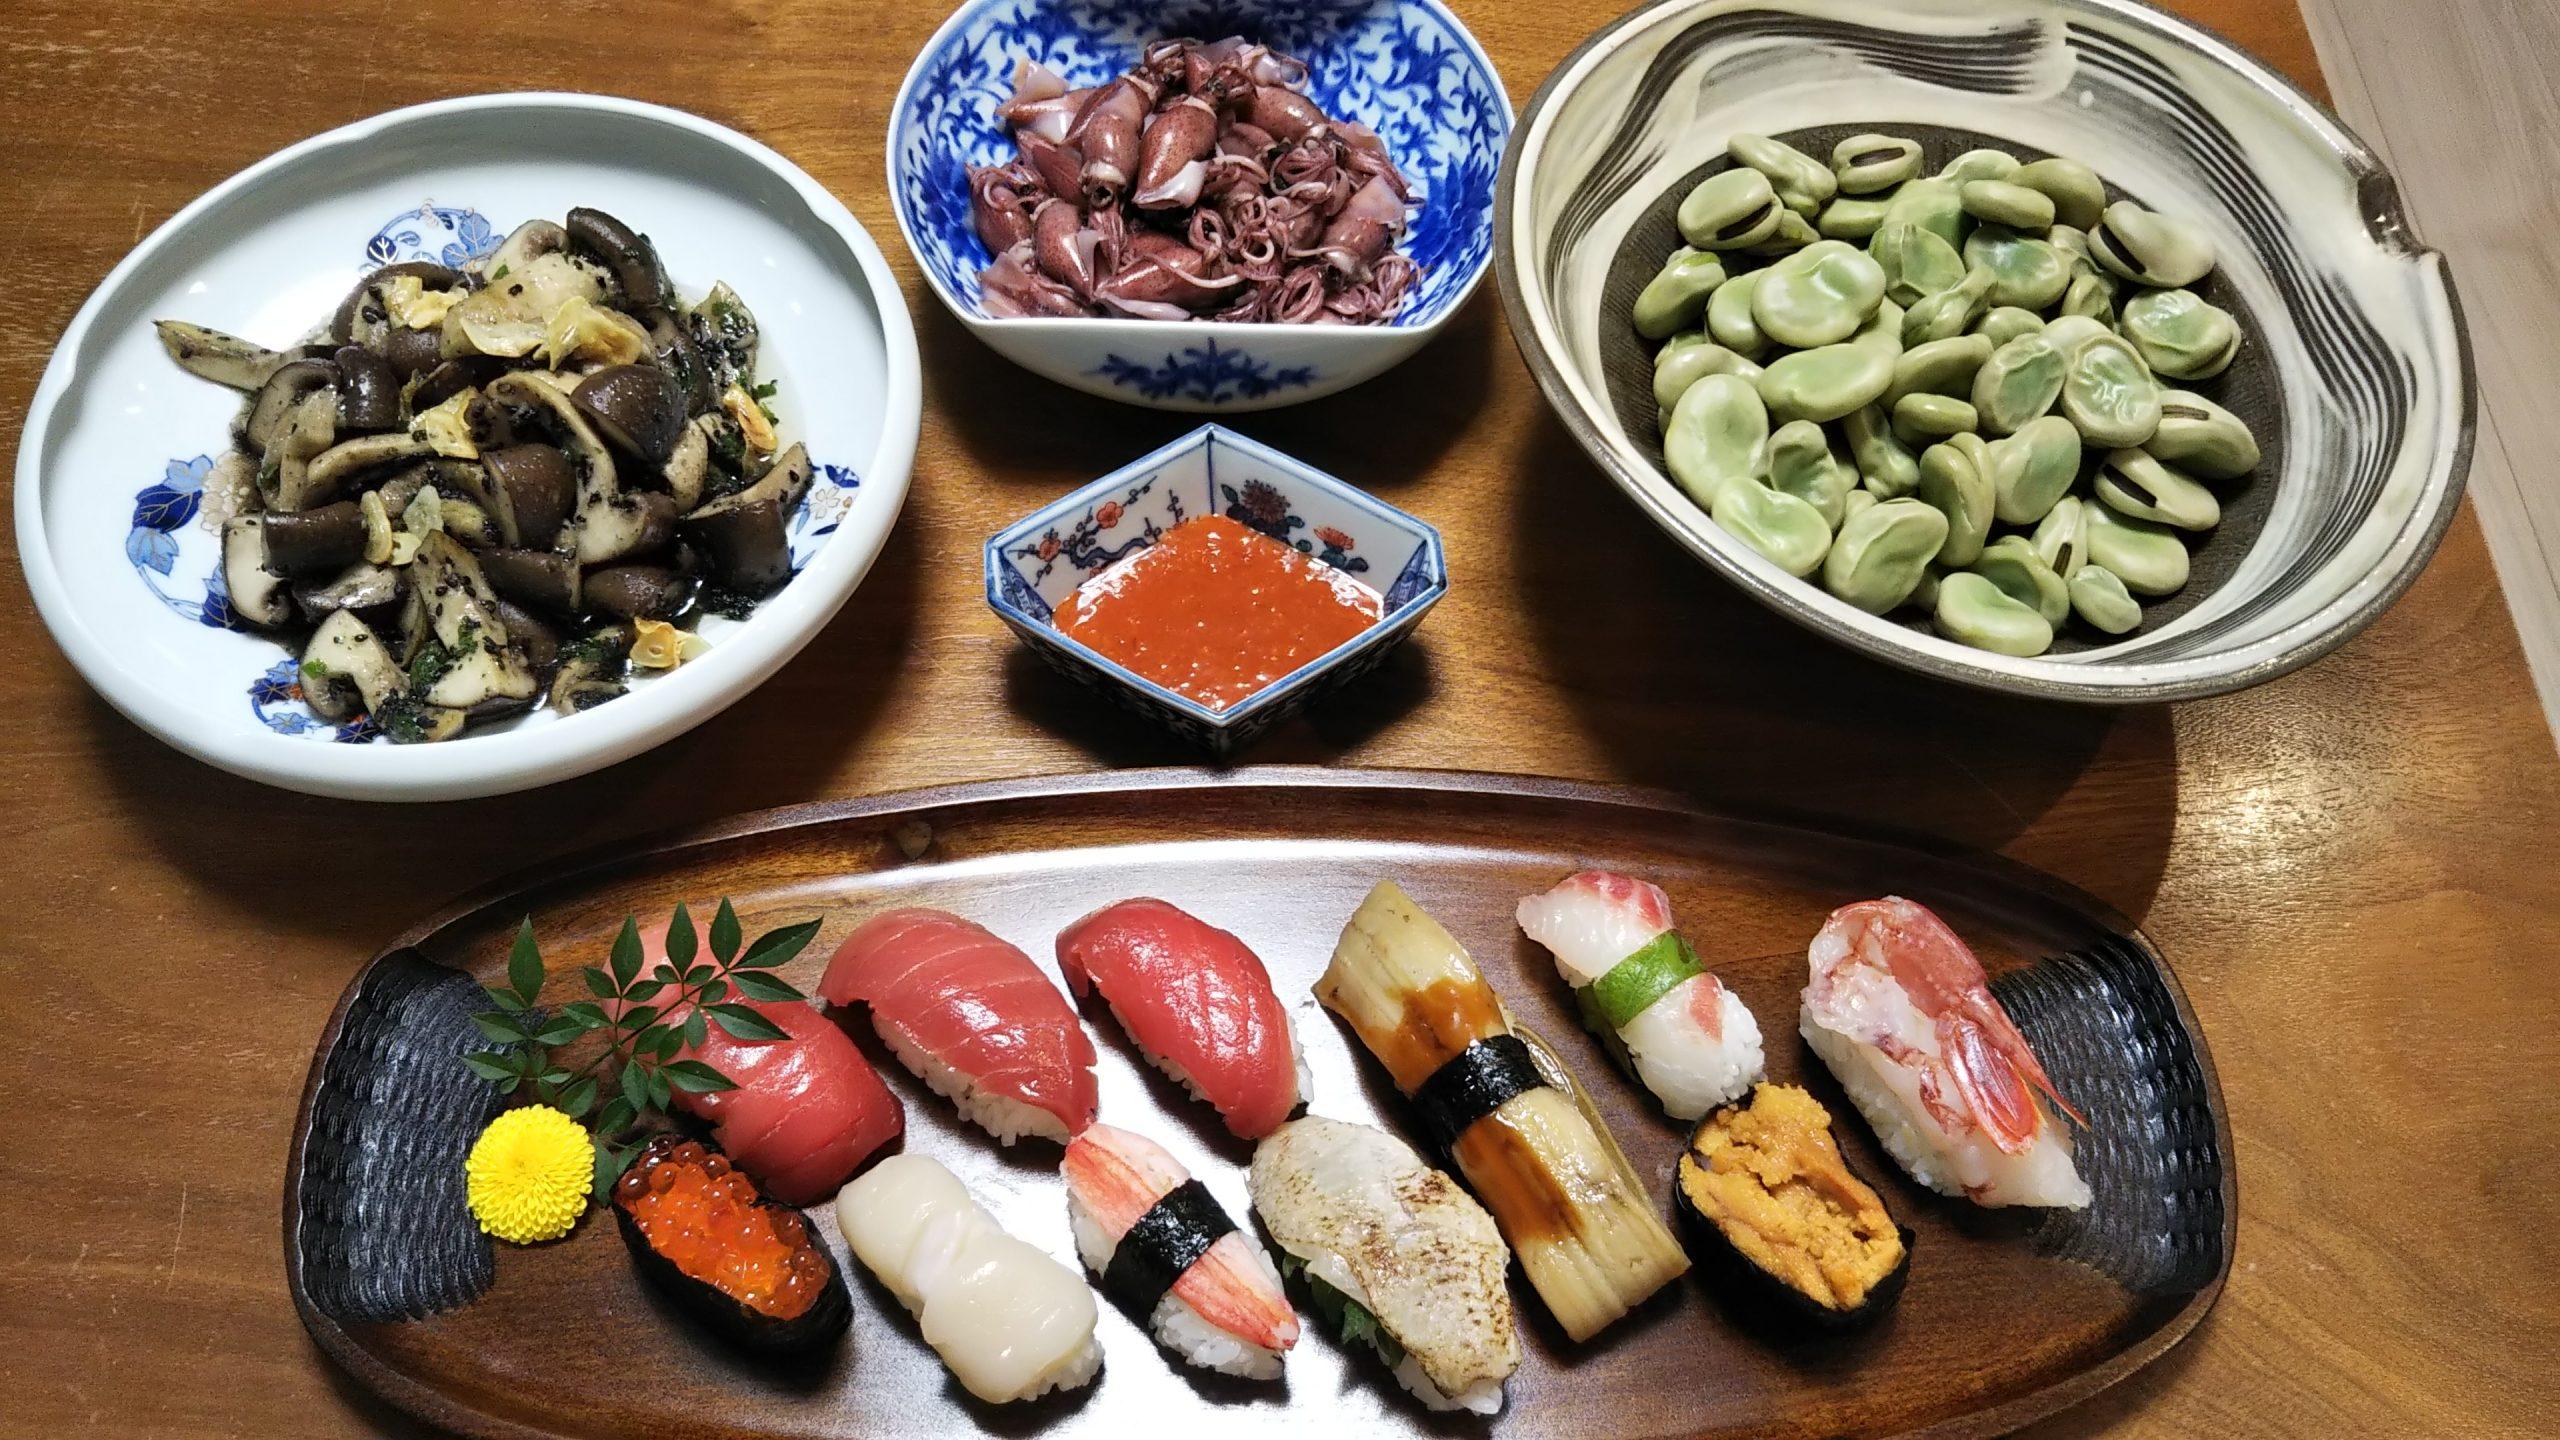 ホタルイカ、お寿司、空豆